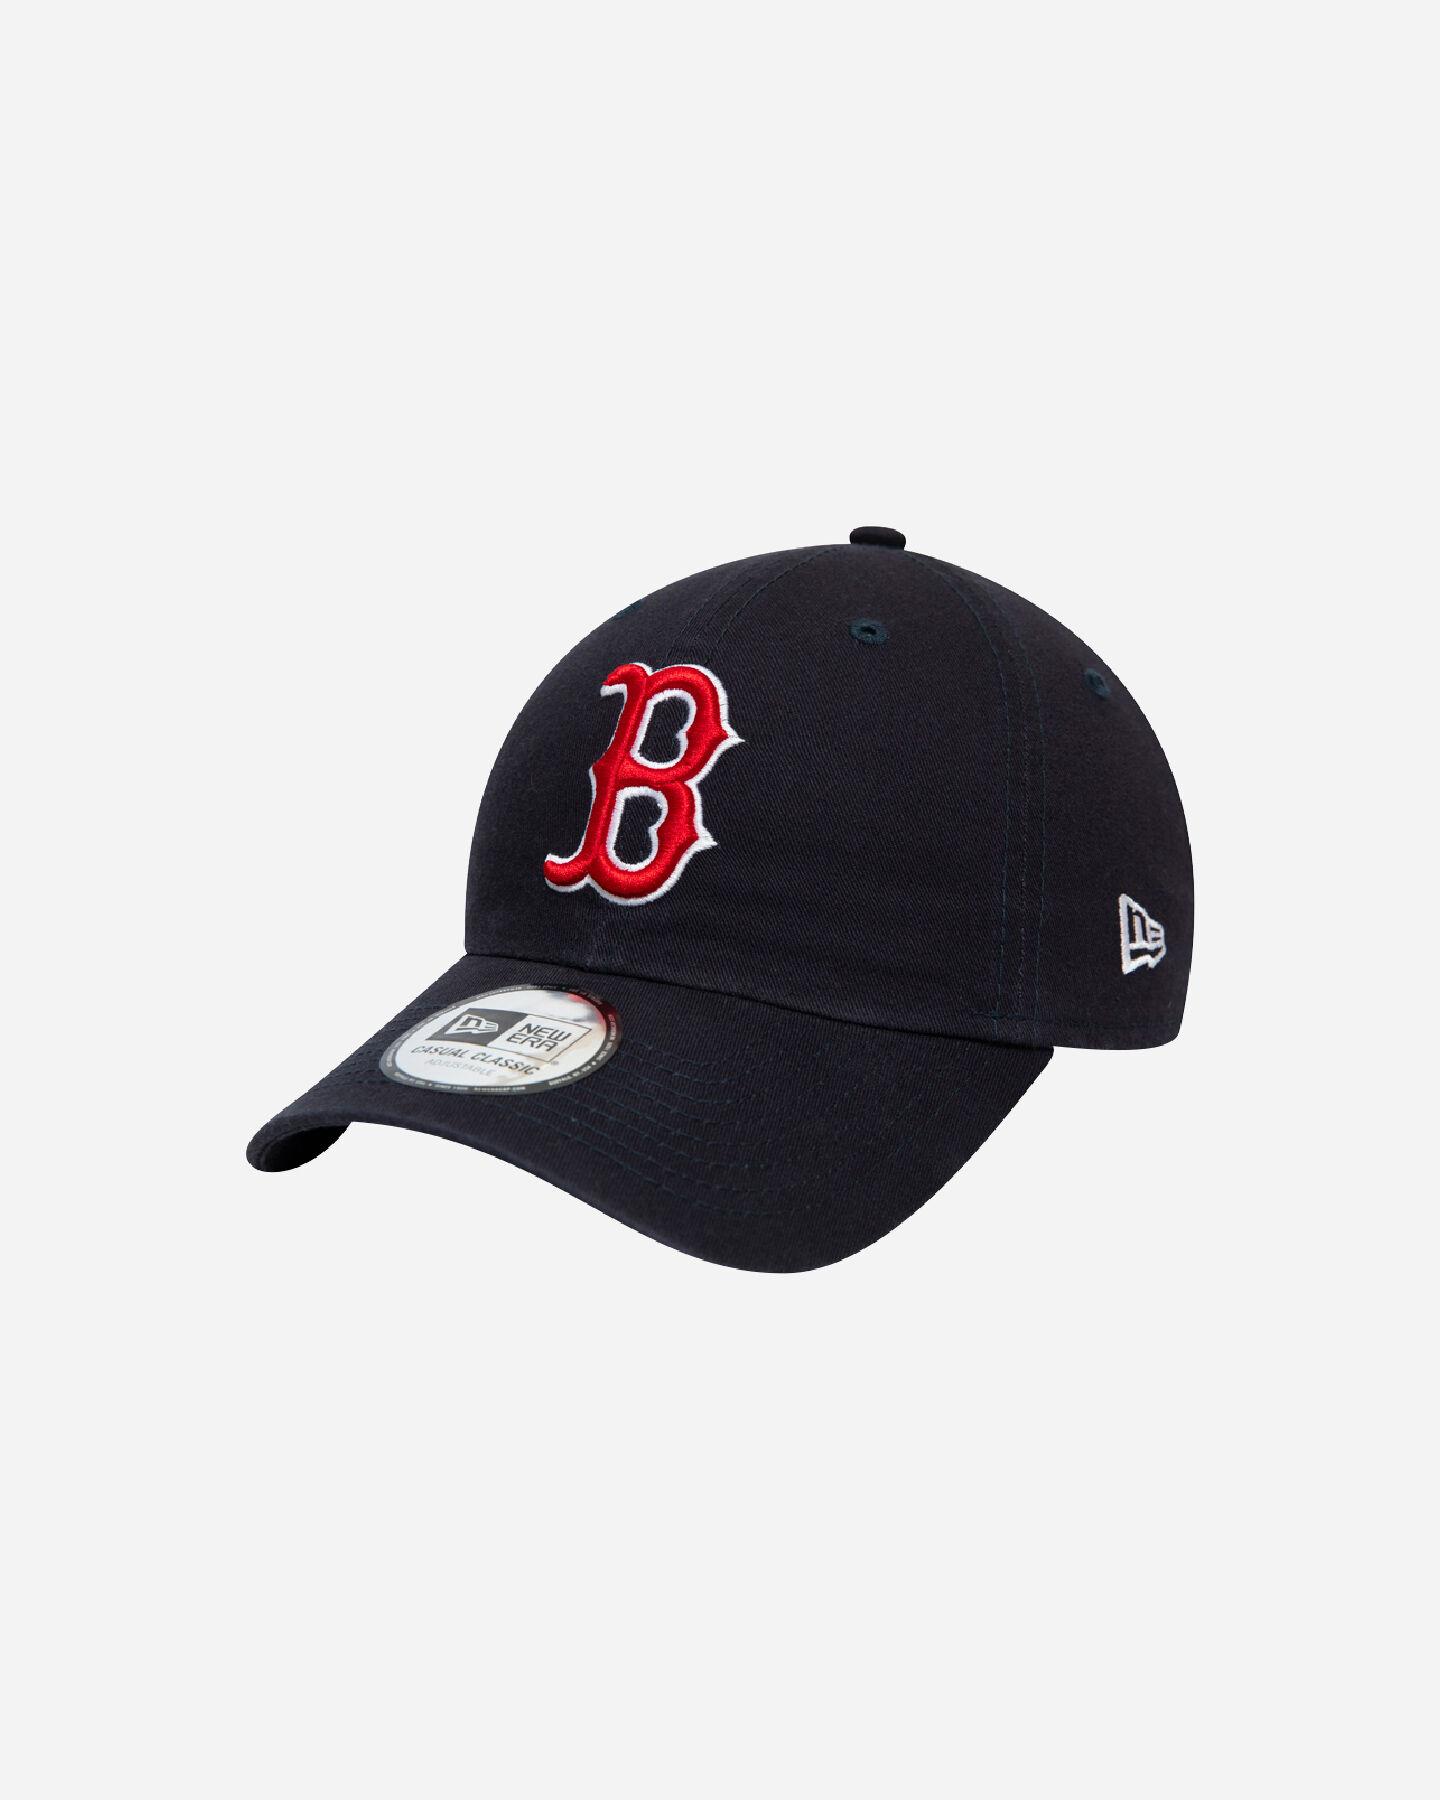 Cappellino NEW ERA CASUAL CLASSIC BOSTON S5245111|410|OSFM scatto 0